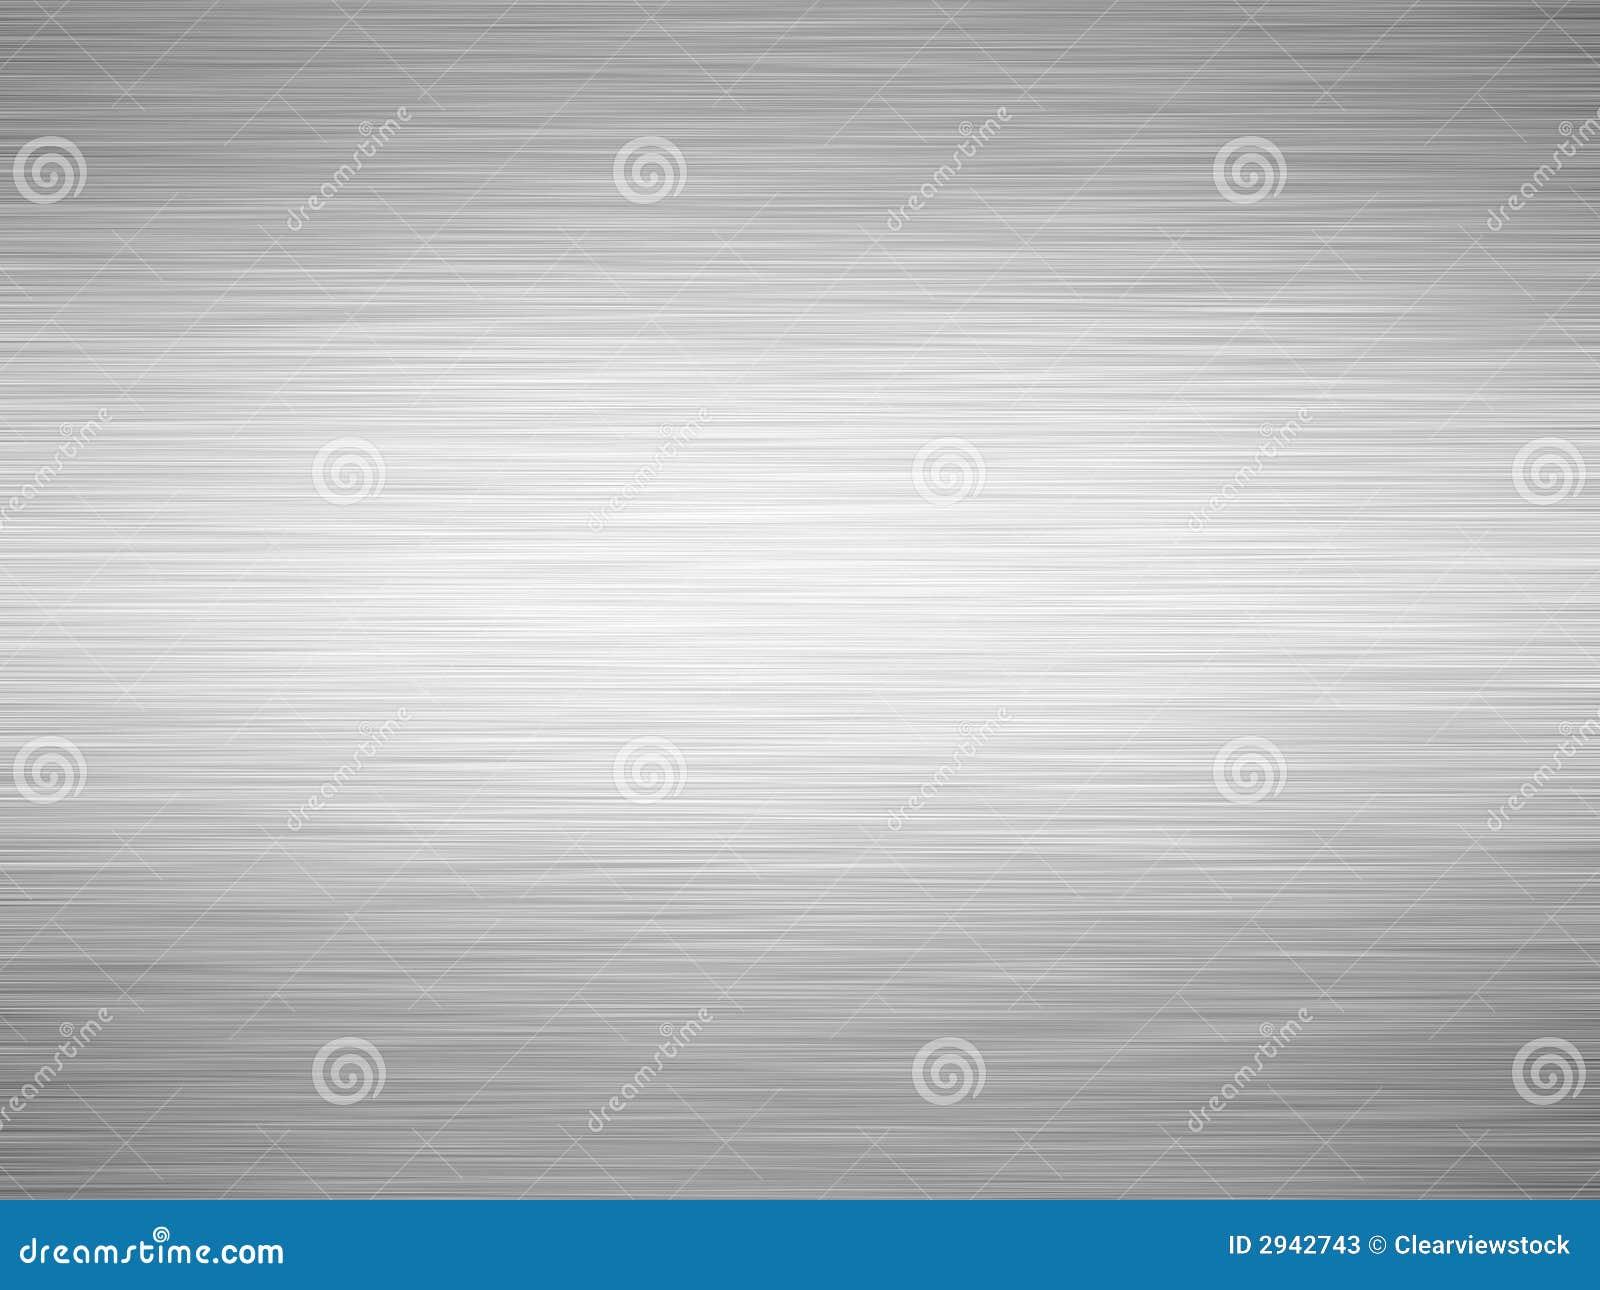 Brushed Iron Sheet Background Stock Vector Illustration